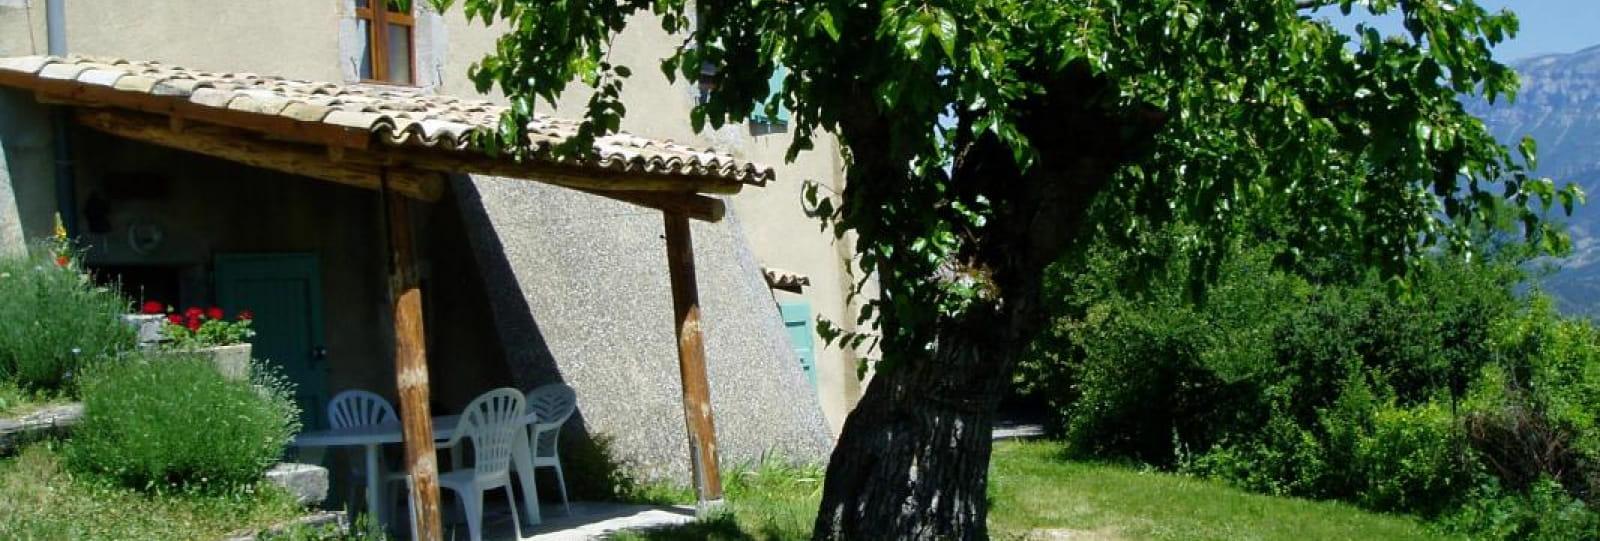 Terrasse du gîte Le Mûrier avec vue sur la vallée Dioise et le massif du Vercors